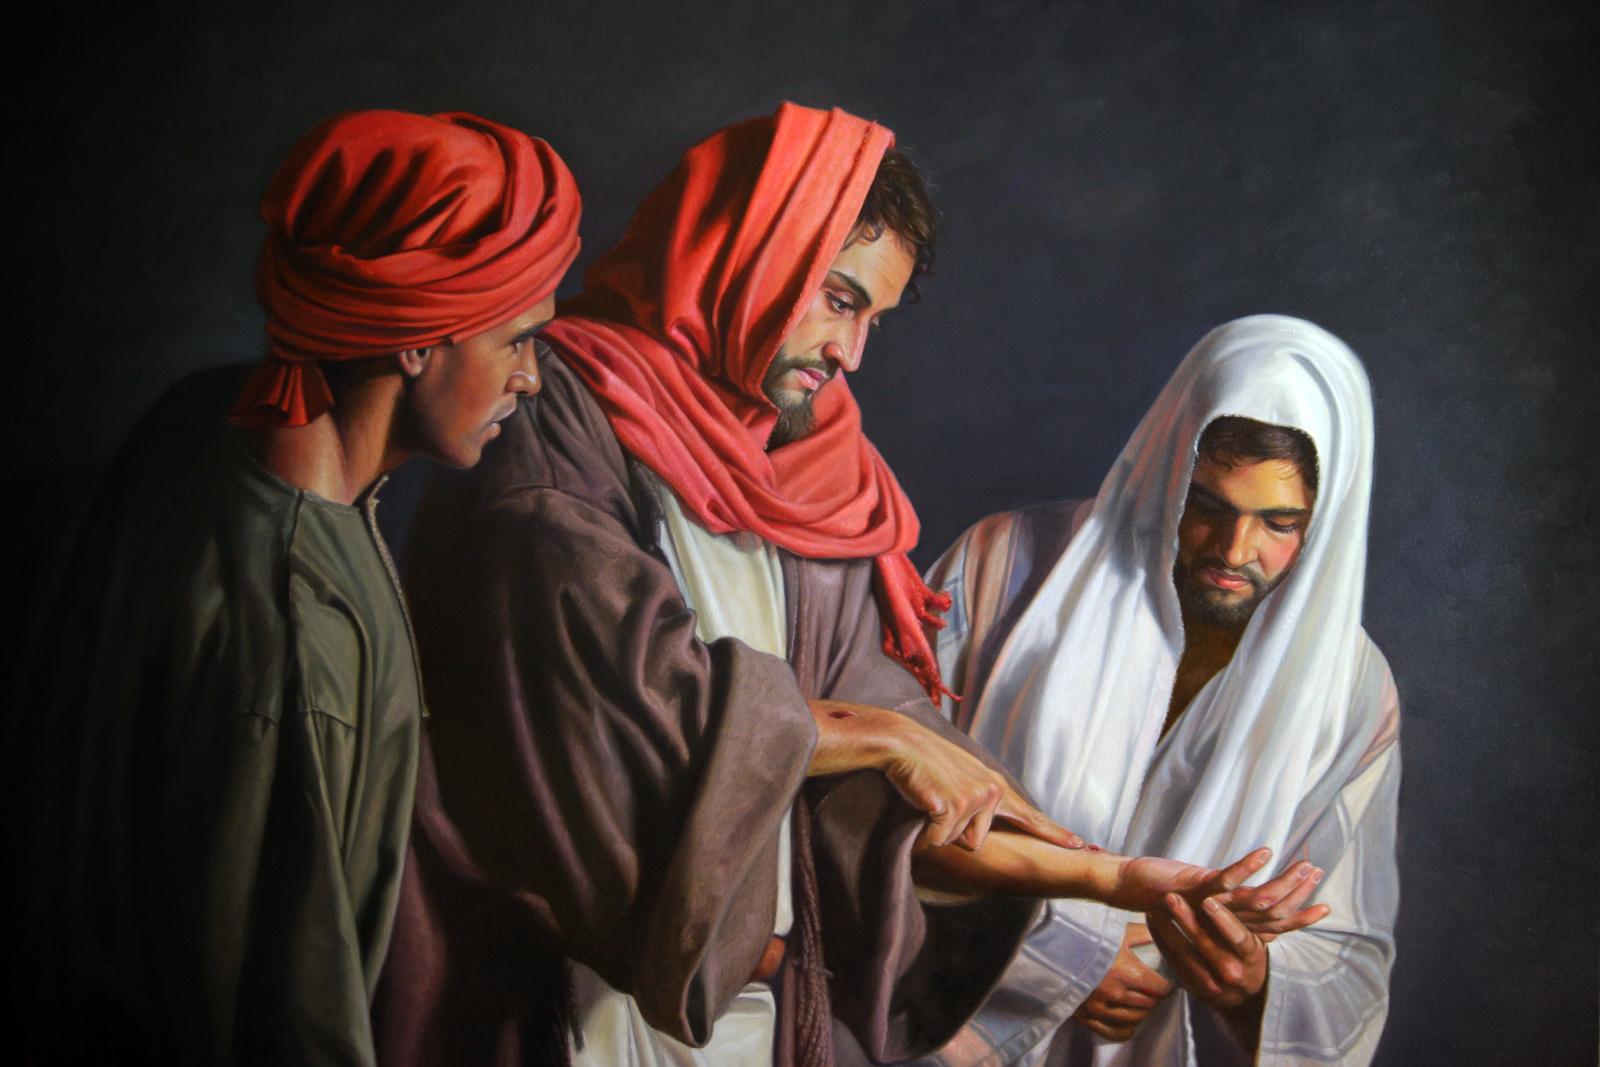 Tomé duvidou da ressurreição de Cristo